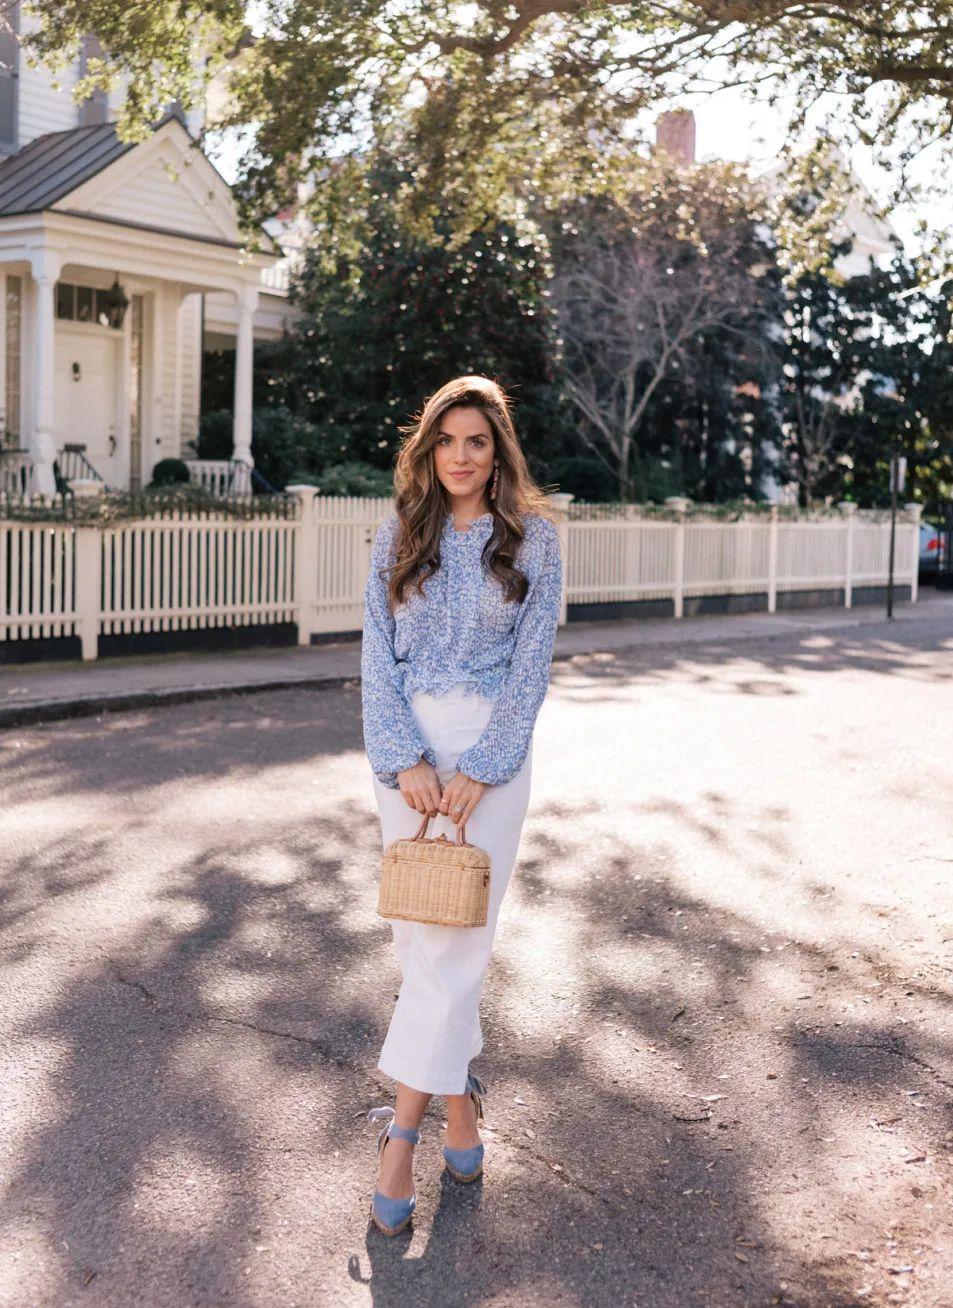 Quần jeans trắng cũng là gợi ý hay ho, có thể hợp với nhiều kiểu áo khác biệt.